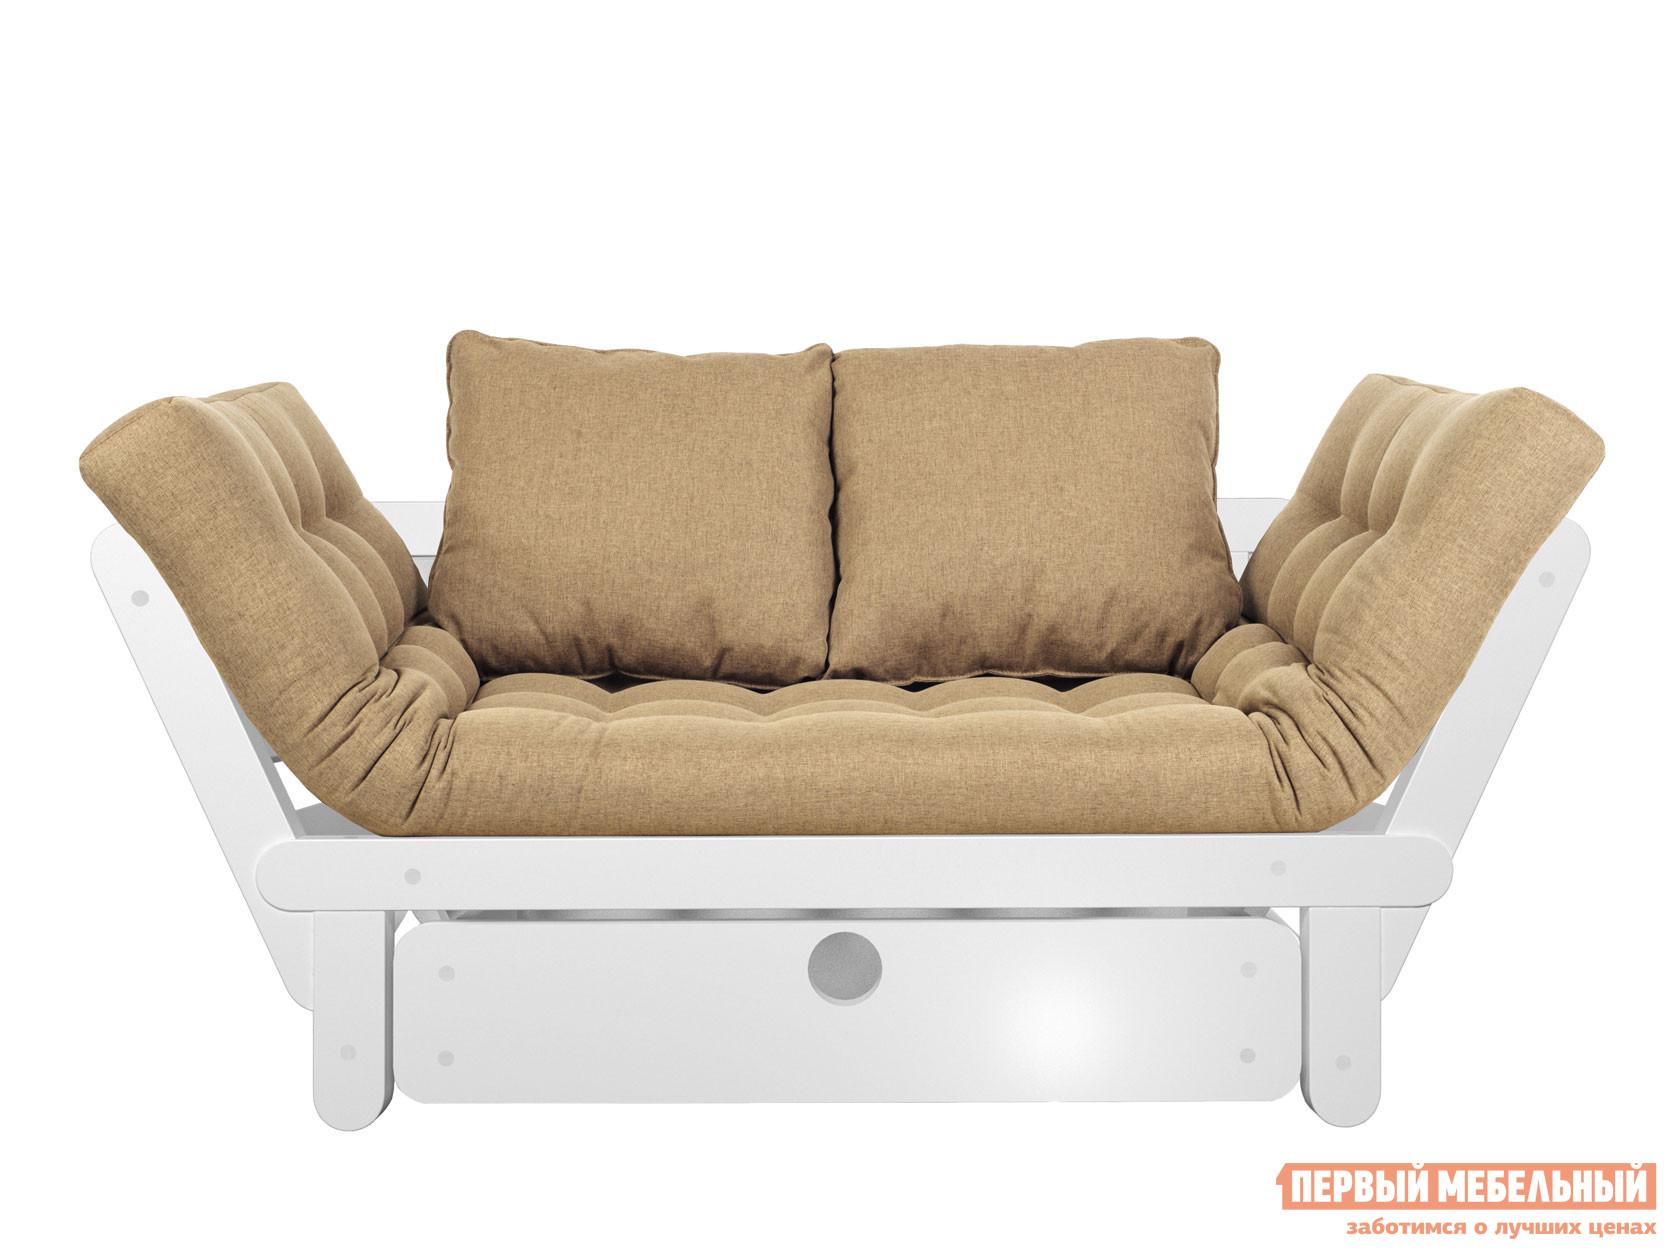 Кресло-кушетка АндерСон Кушетка Сламбер BOX (сосна)